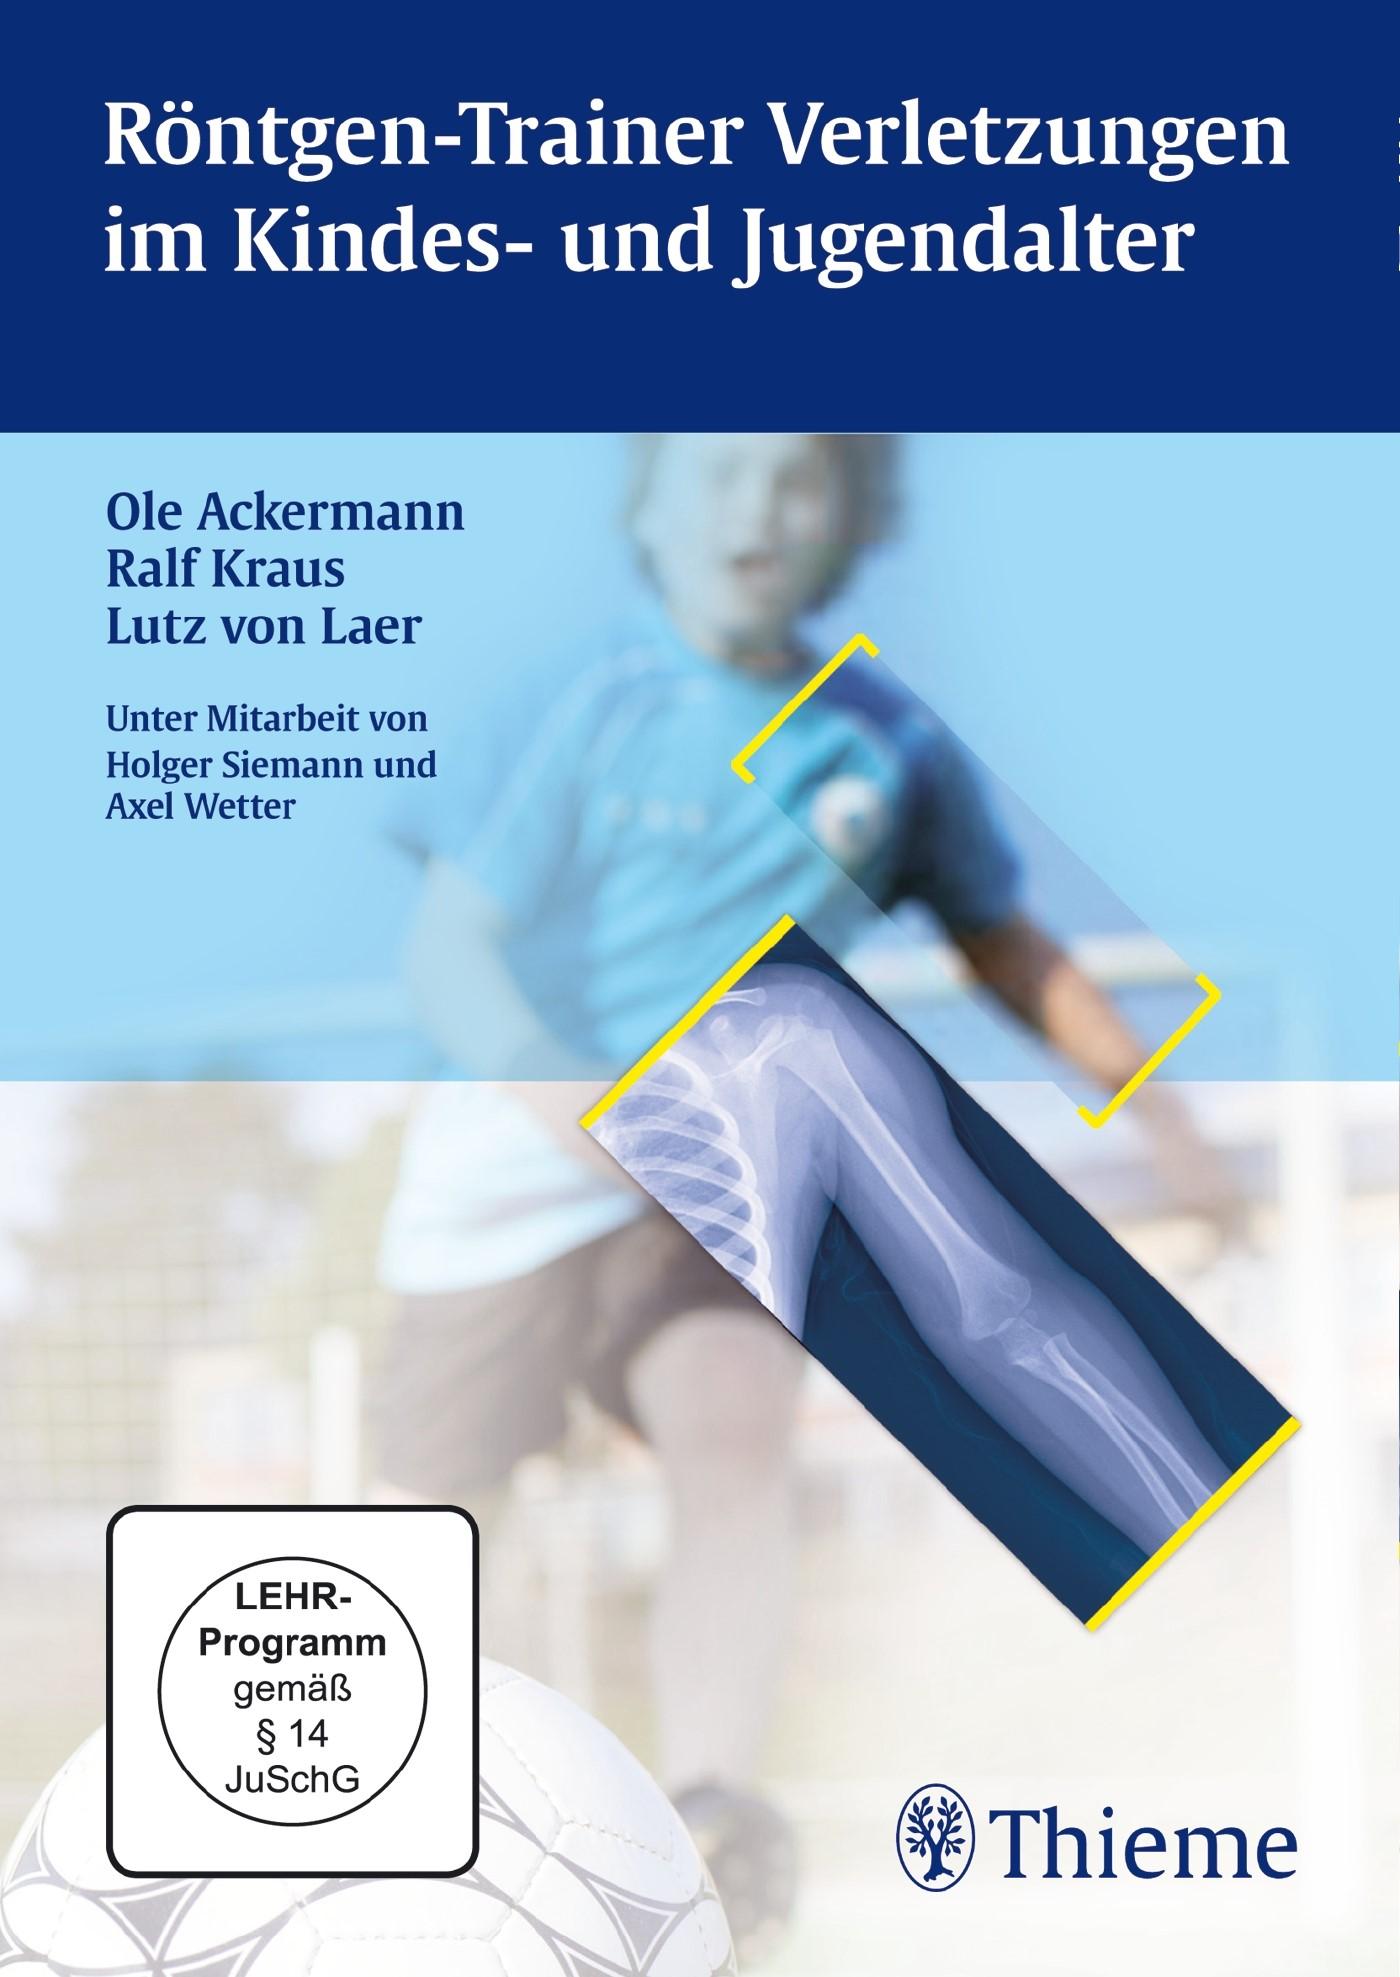 Röntgen-Trainer Verletzungen im Kindes- und Jugendalter | Ackermann / Kraus / von Laer, 2013 (Cover)